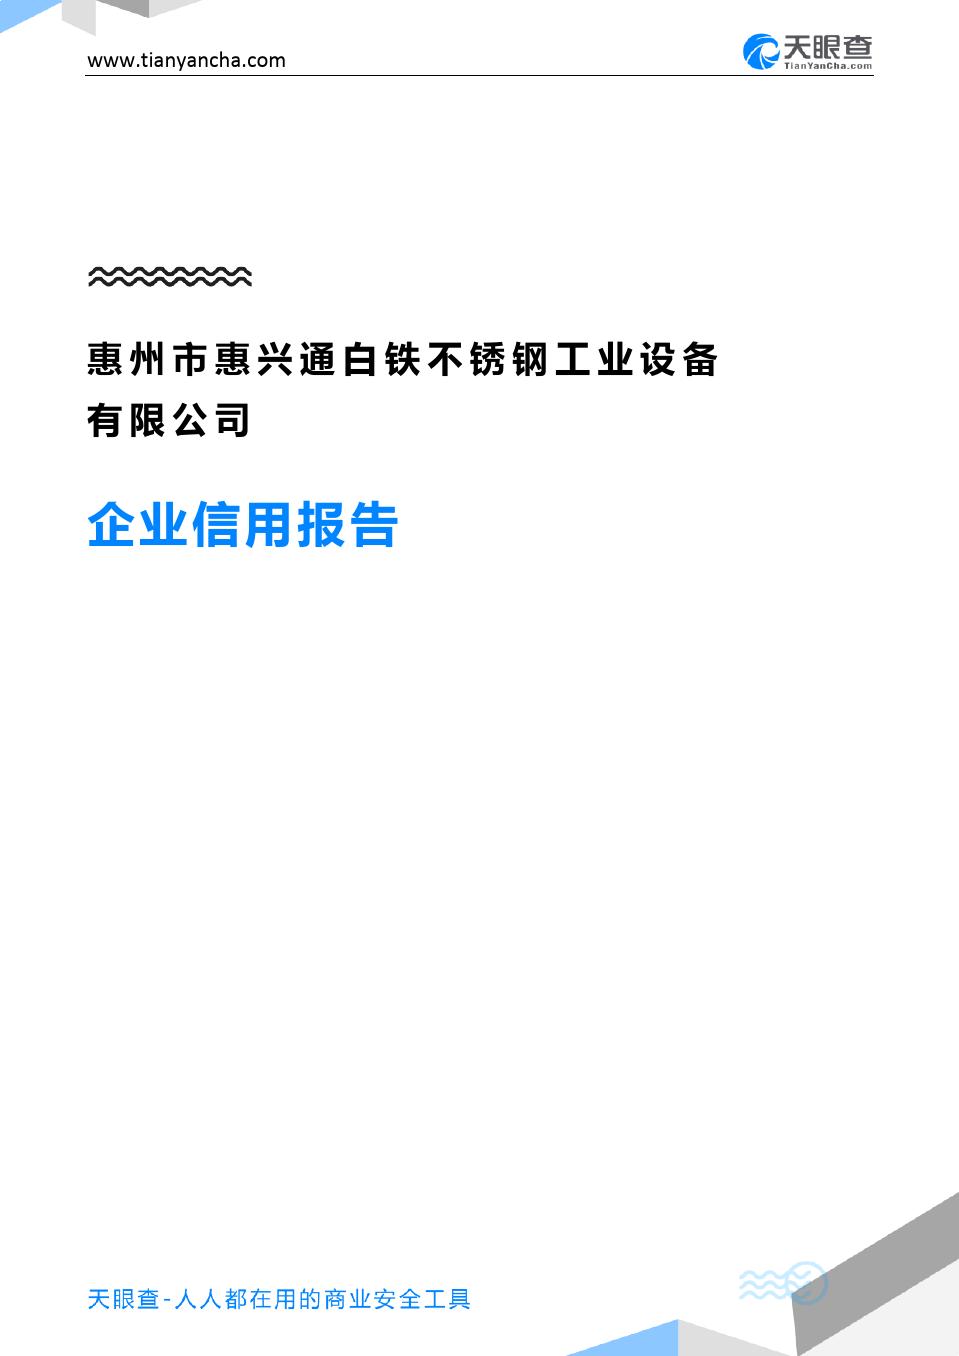 惠州市惠兴通白铁不锈钢工业设备有限公司(企业信用报告)- 天眼查